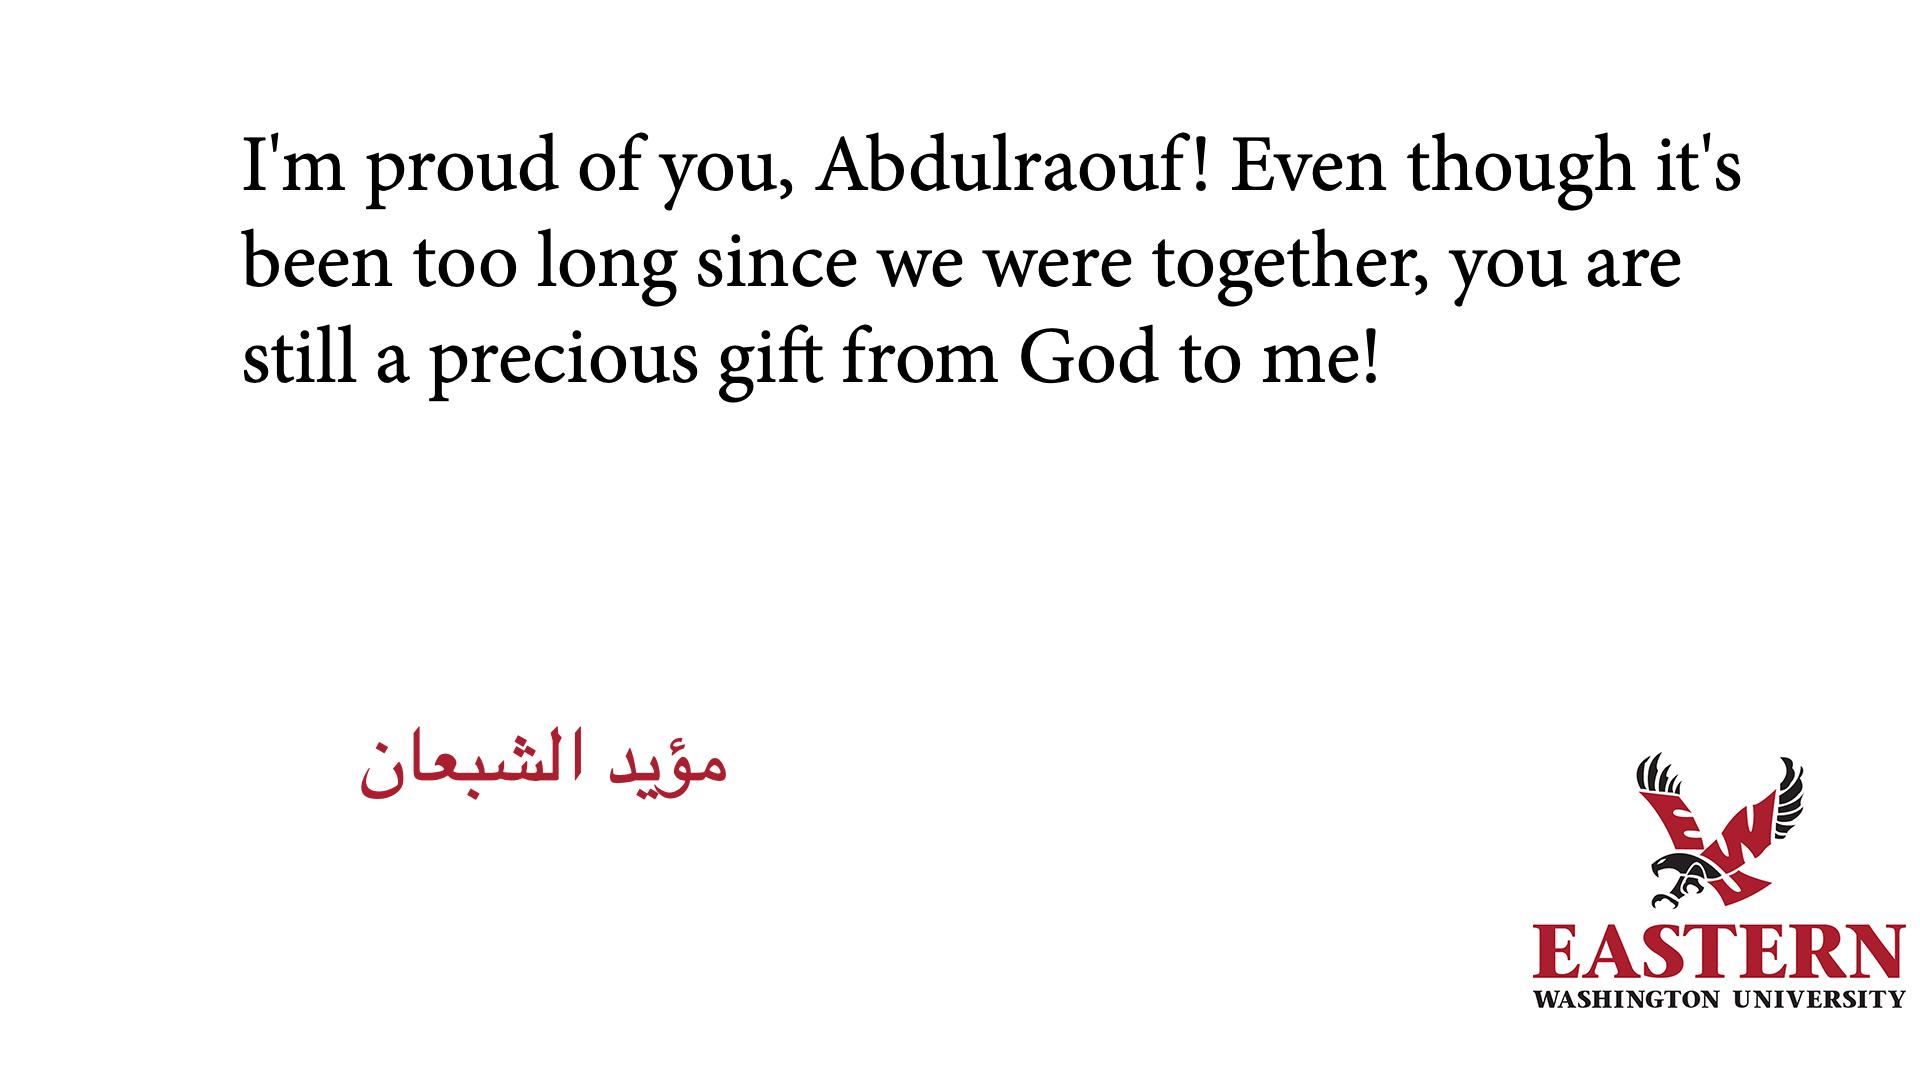 tbi_abdulraouf-abdullah-h-alnashmi_236.png